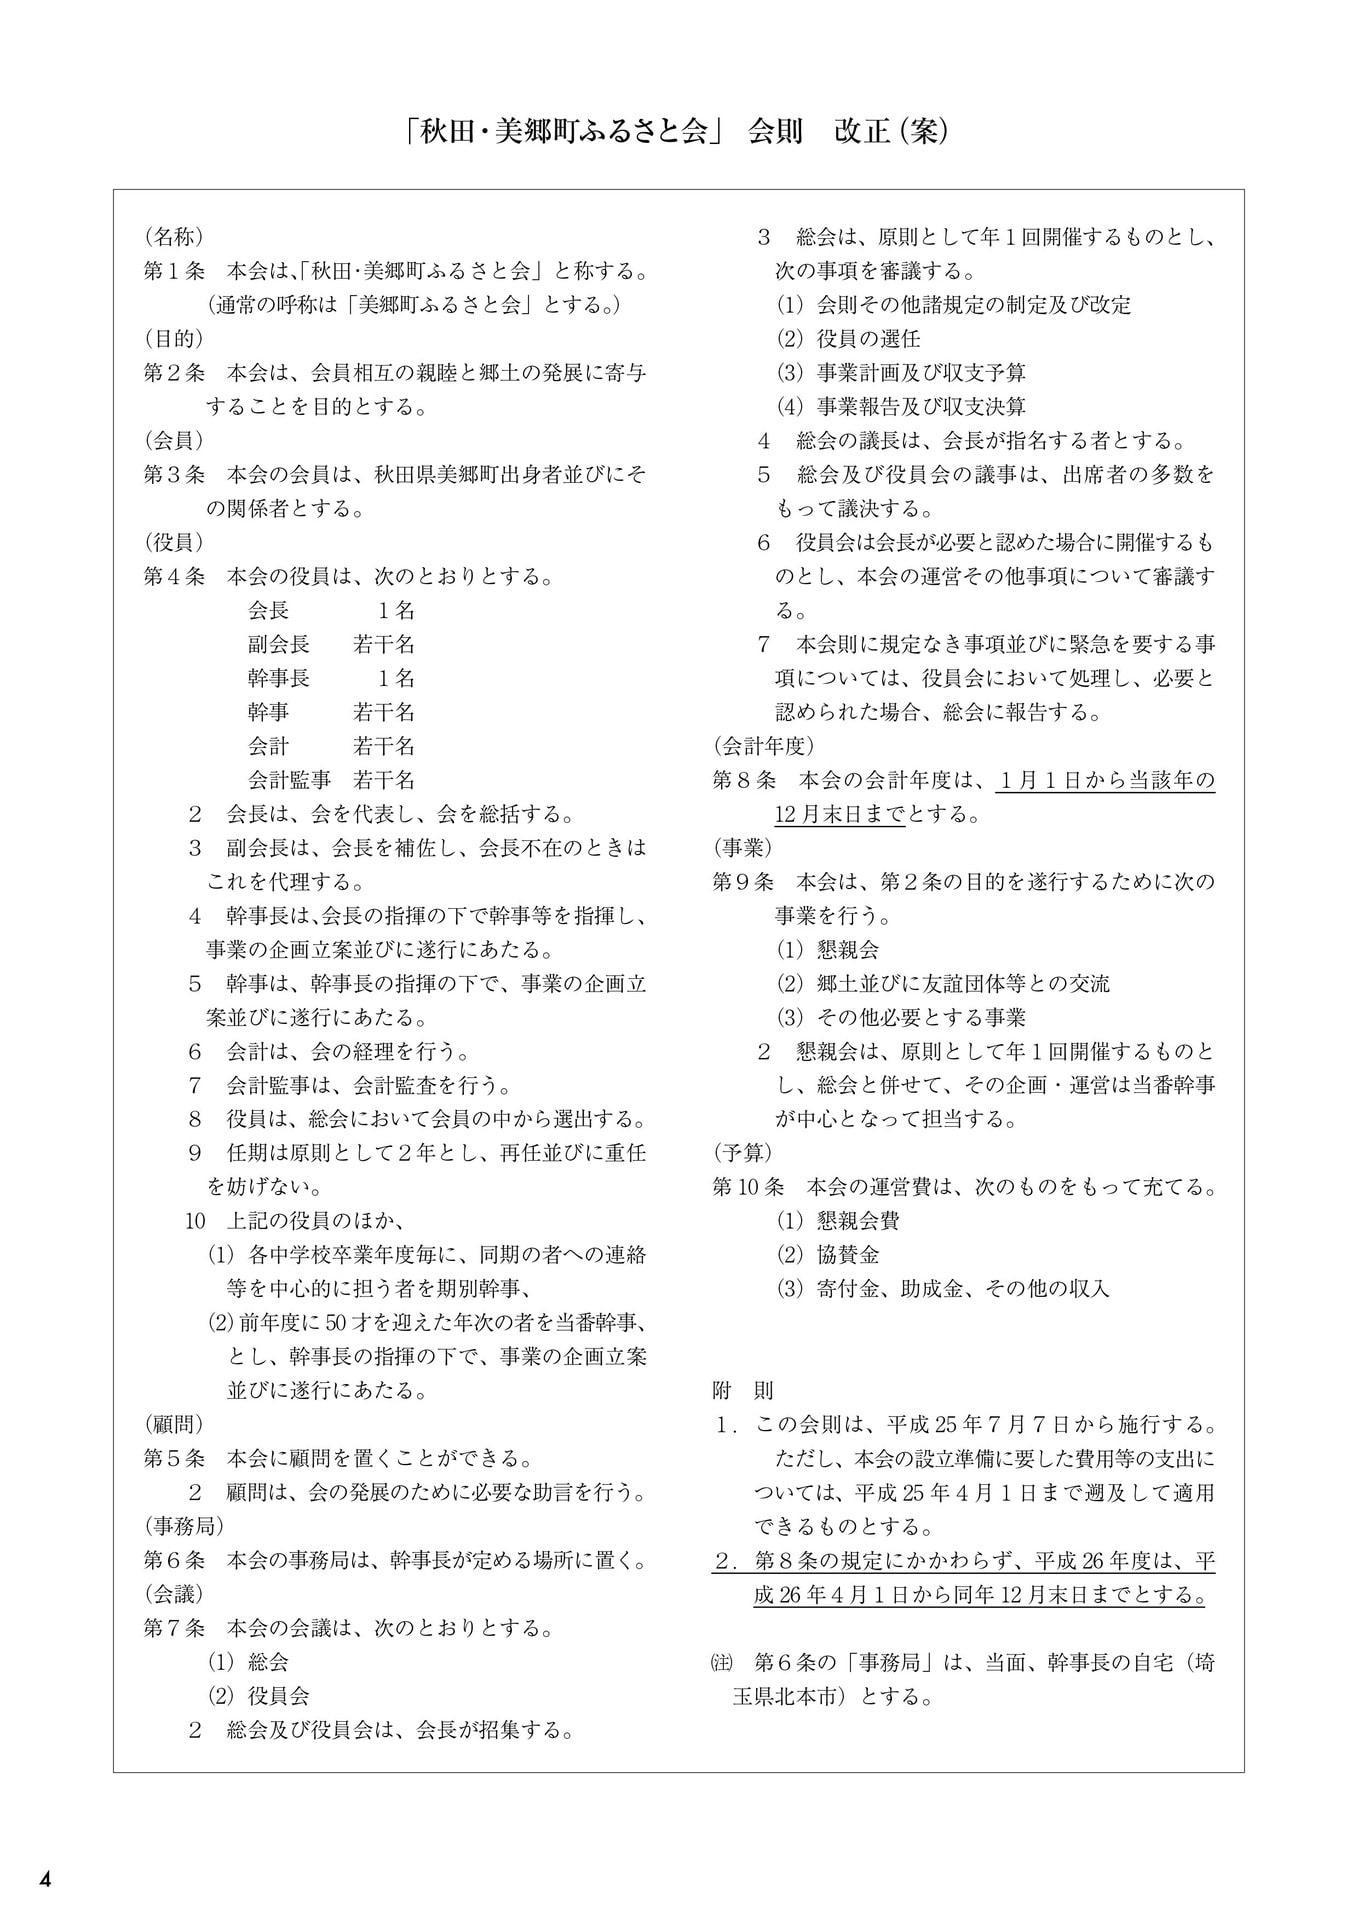 第2回秋田・美郷町ふるさと会パンフレット(会則改正(案))